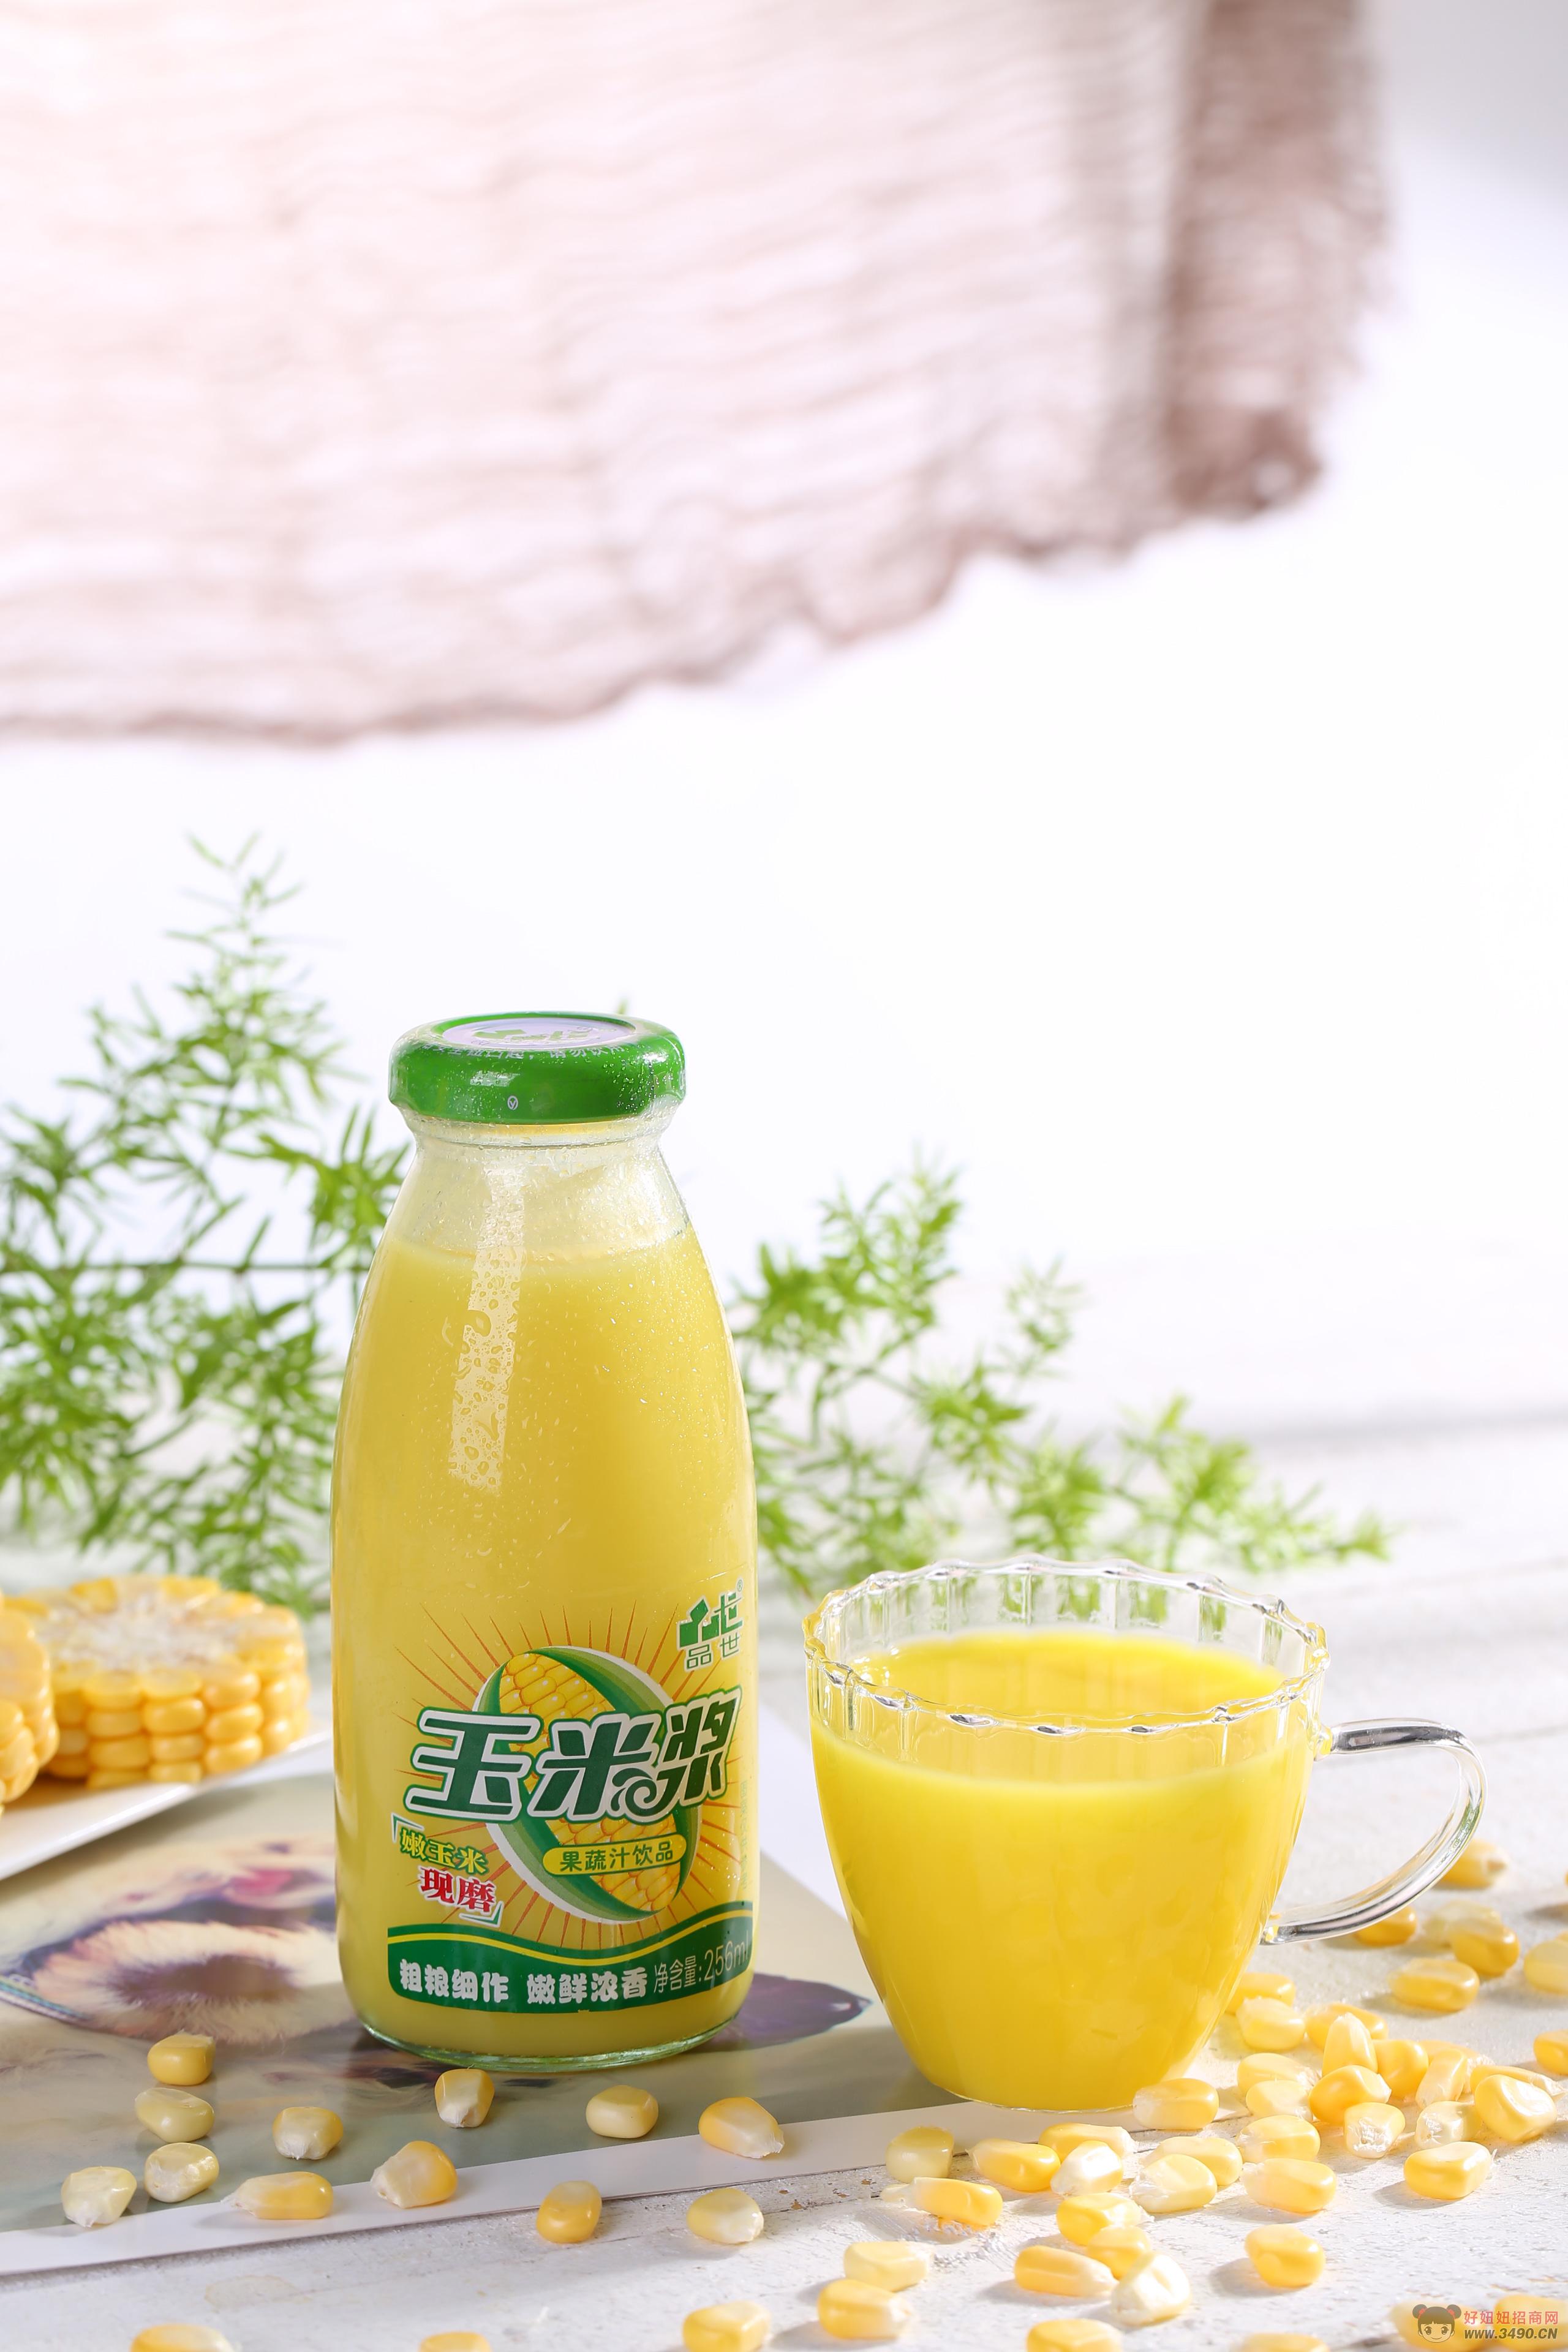 品世玉米汁产